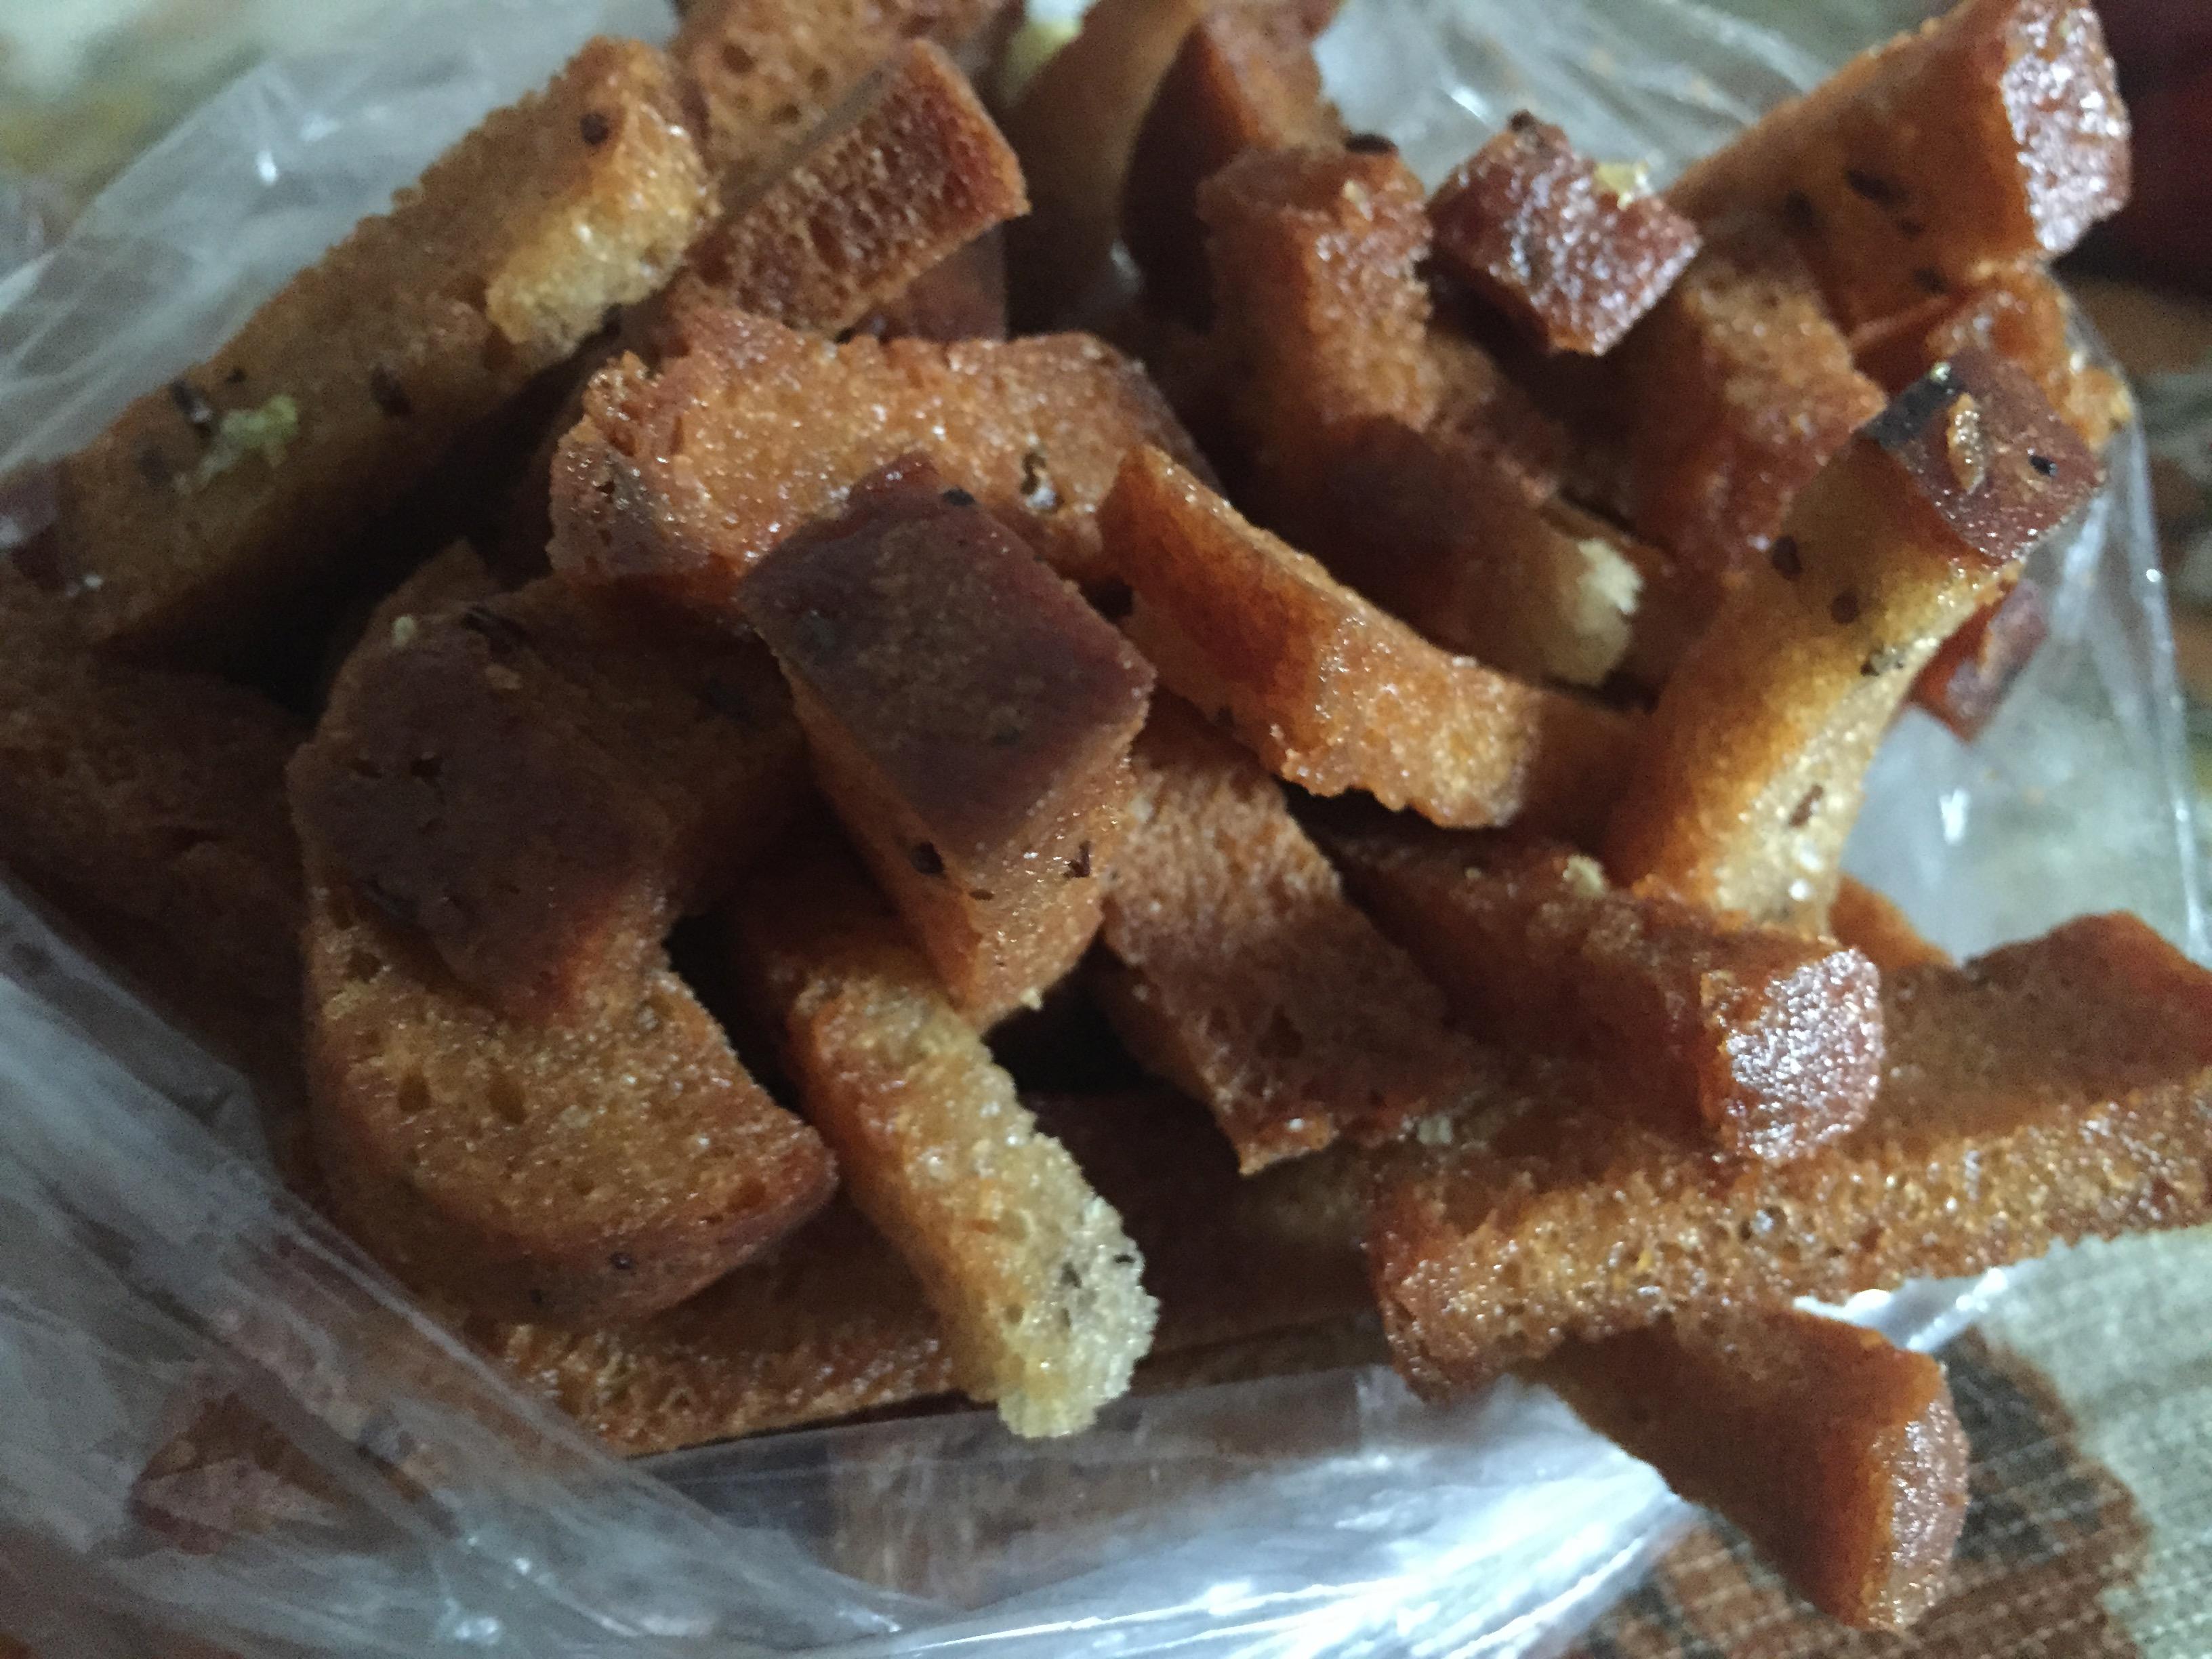 File:Kepta duona.JPG - Wikimedia Commons